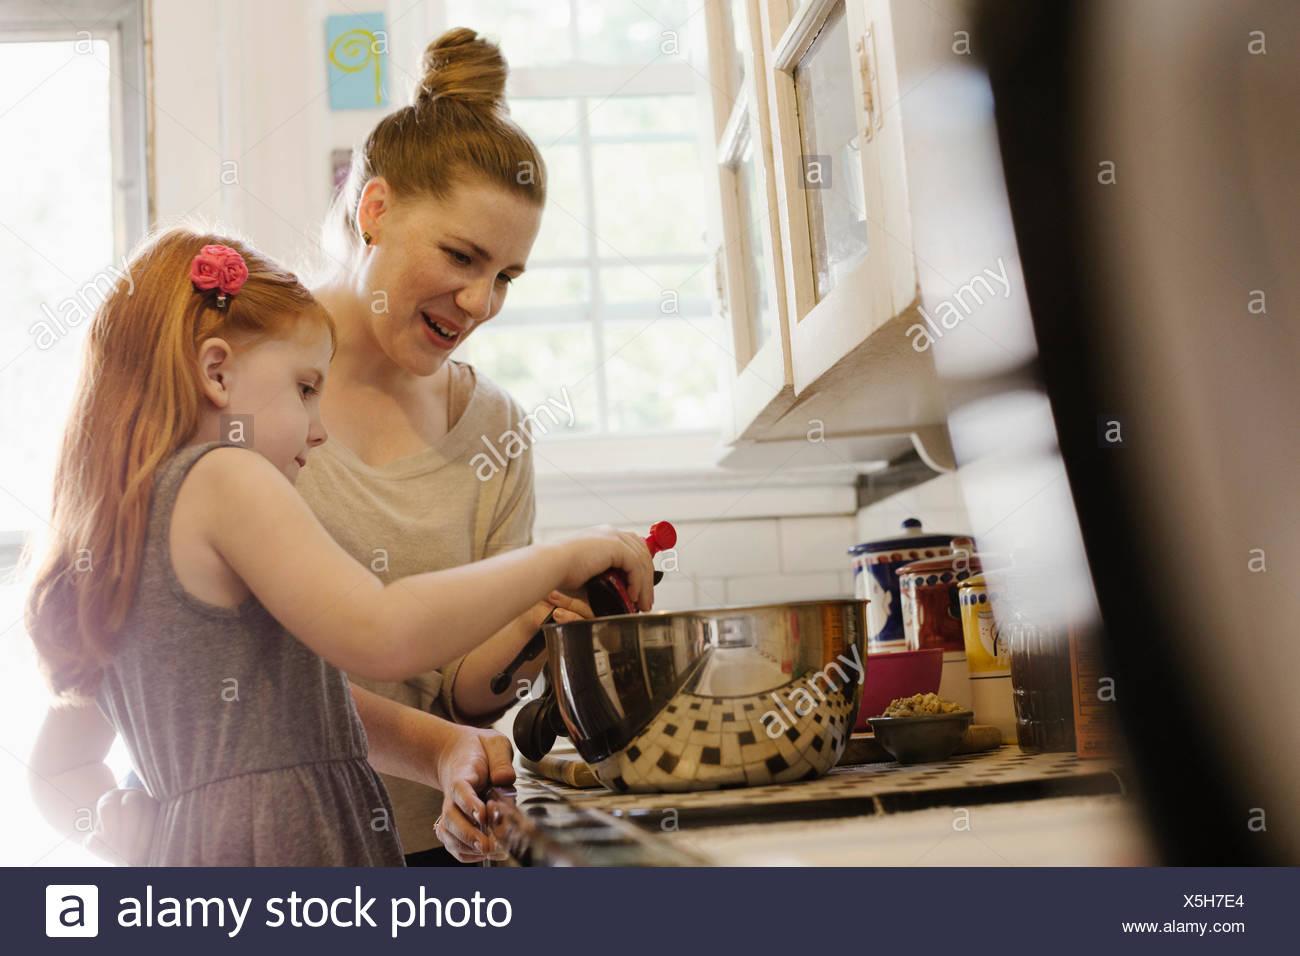 Mitte Erwachsene Mutter gibt Tochter eine helfende hand in Küche Stockbild